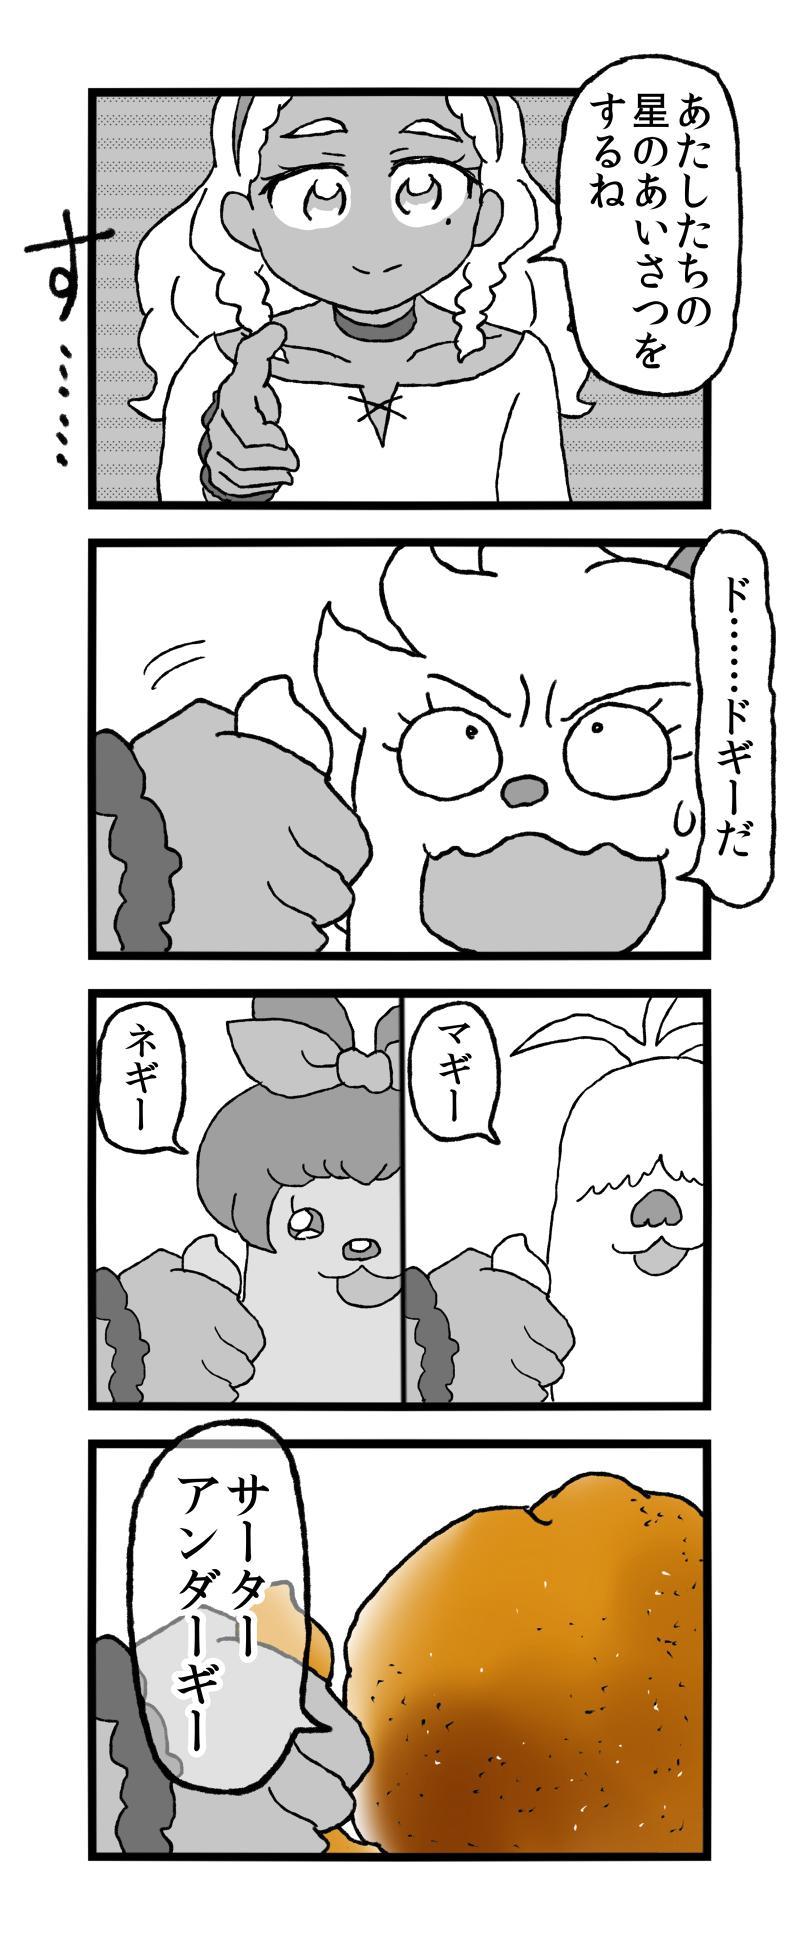 胡🕊️鳩がでますよ (@frtkcure_)さんのイラスト